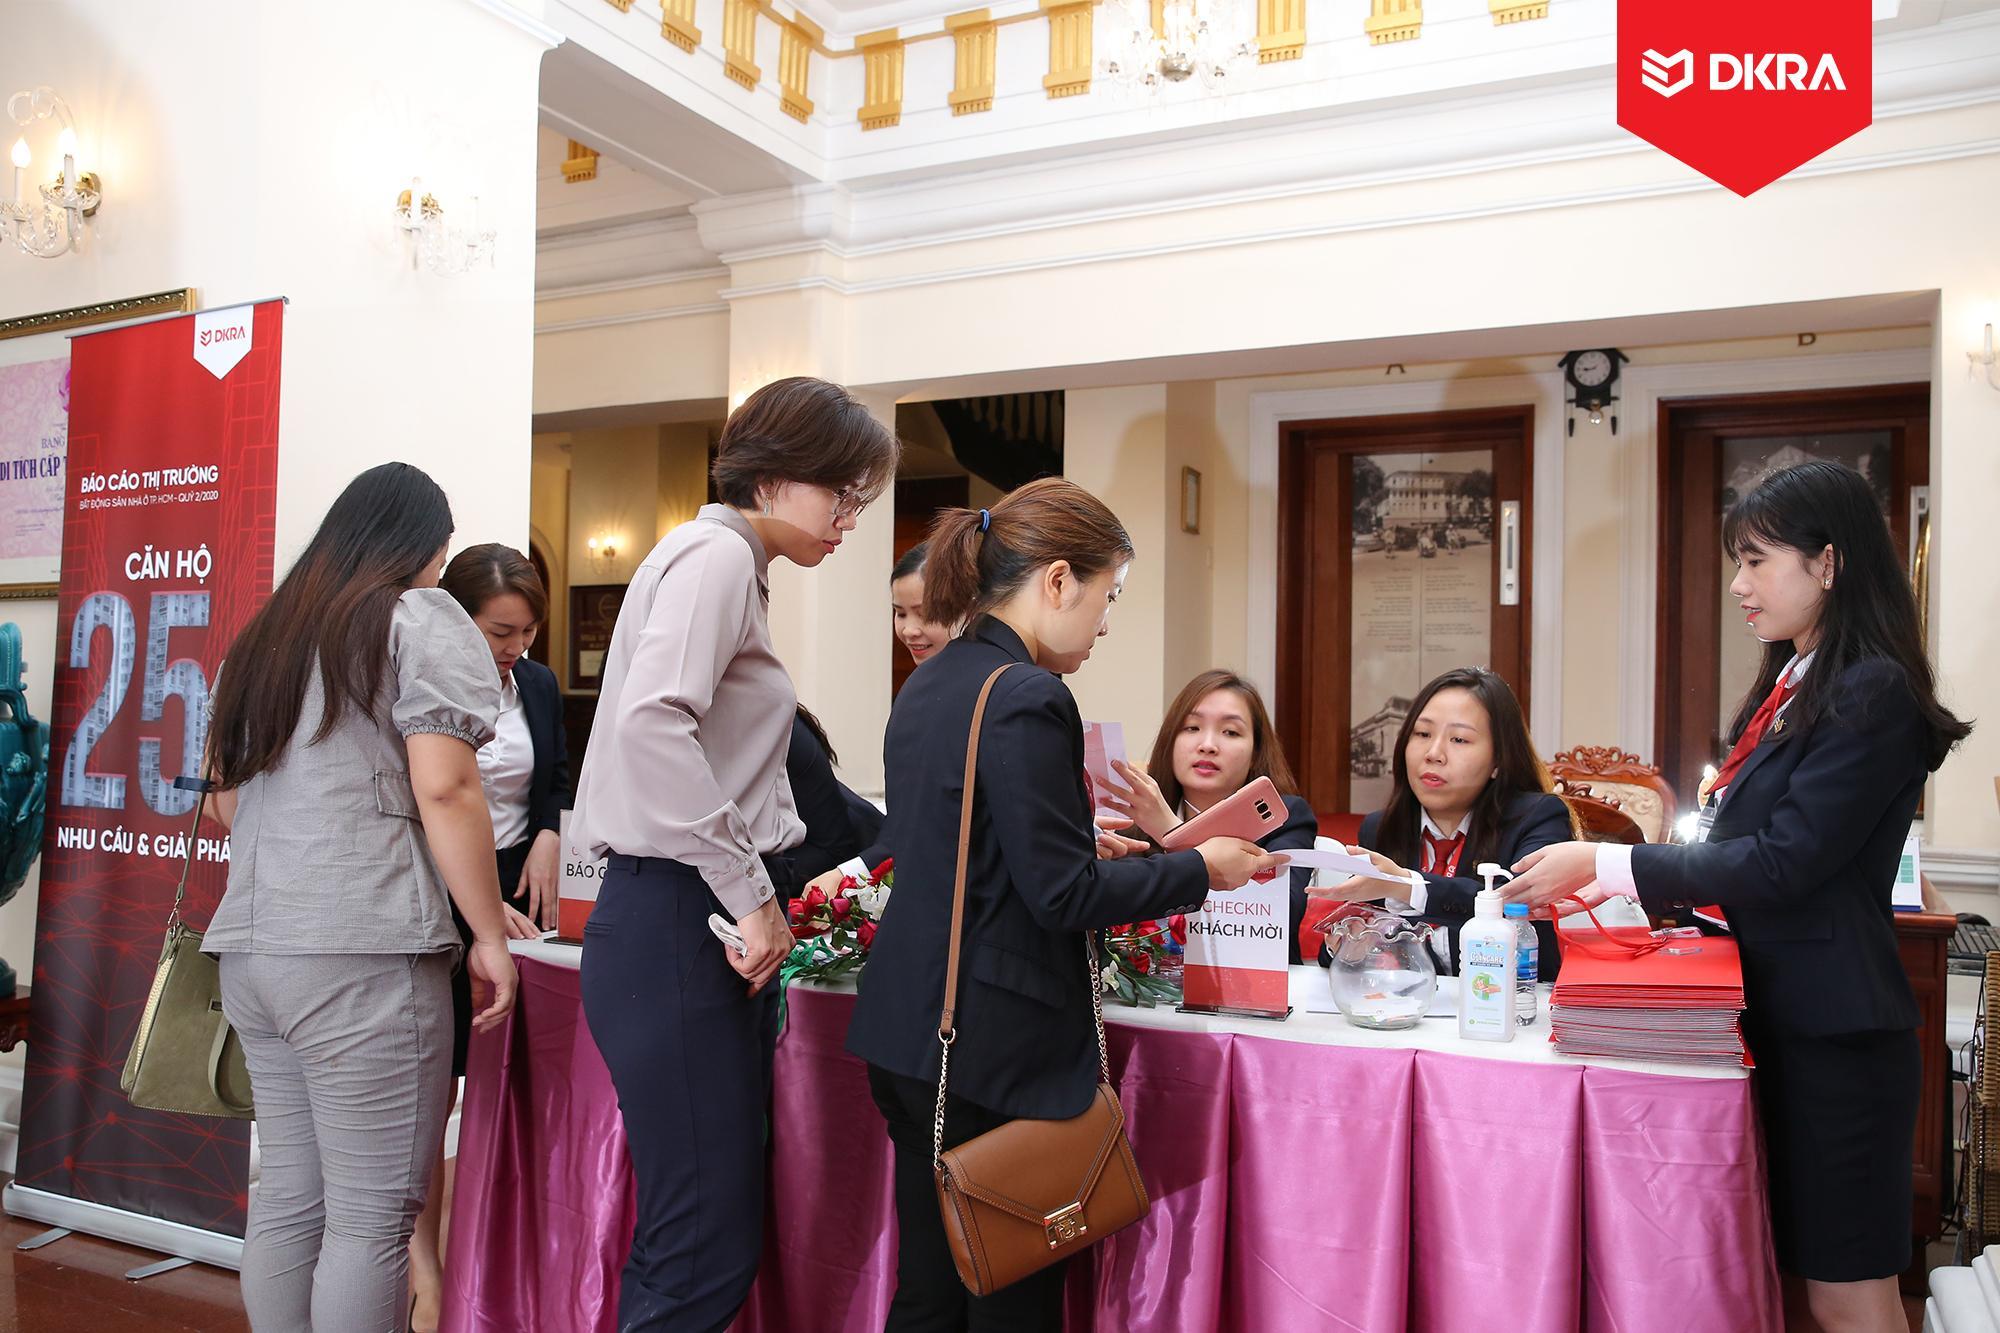 """Khách mời check - in tham gia Báo cáo thị trường bất động sản nhà ở TP.HCM Quý 2/2020 do DKRA Vietnam tổ chức với chủ đề """"Căn hộ 25m2 - Nhu cầu & giải pháp""""."""